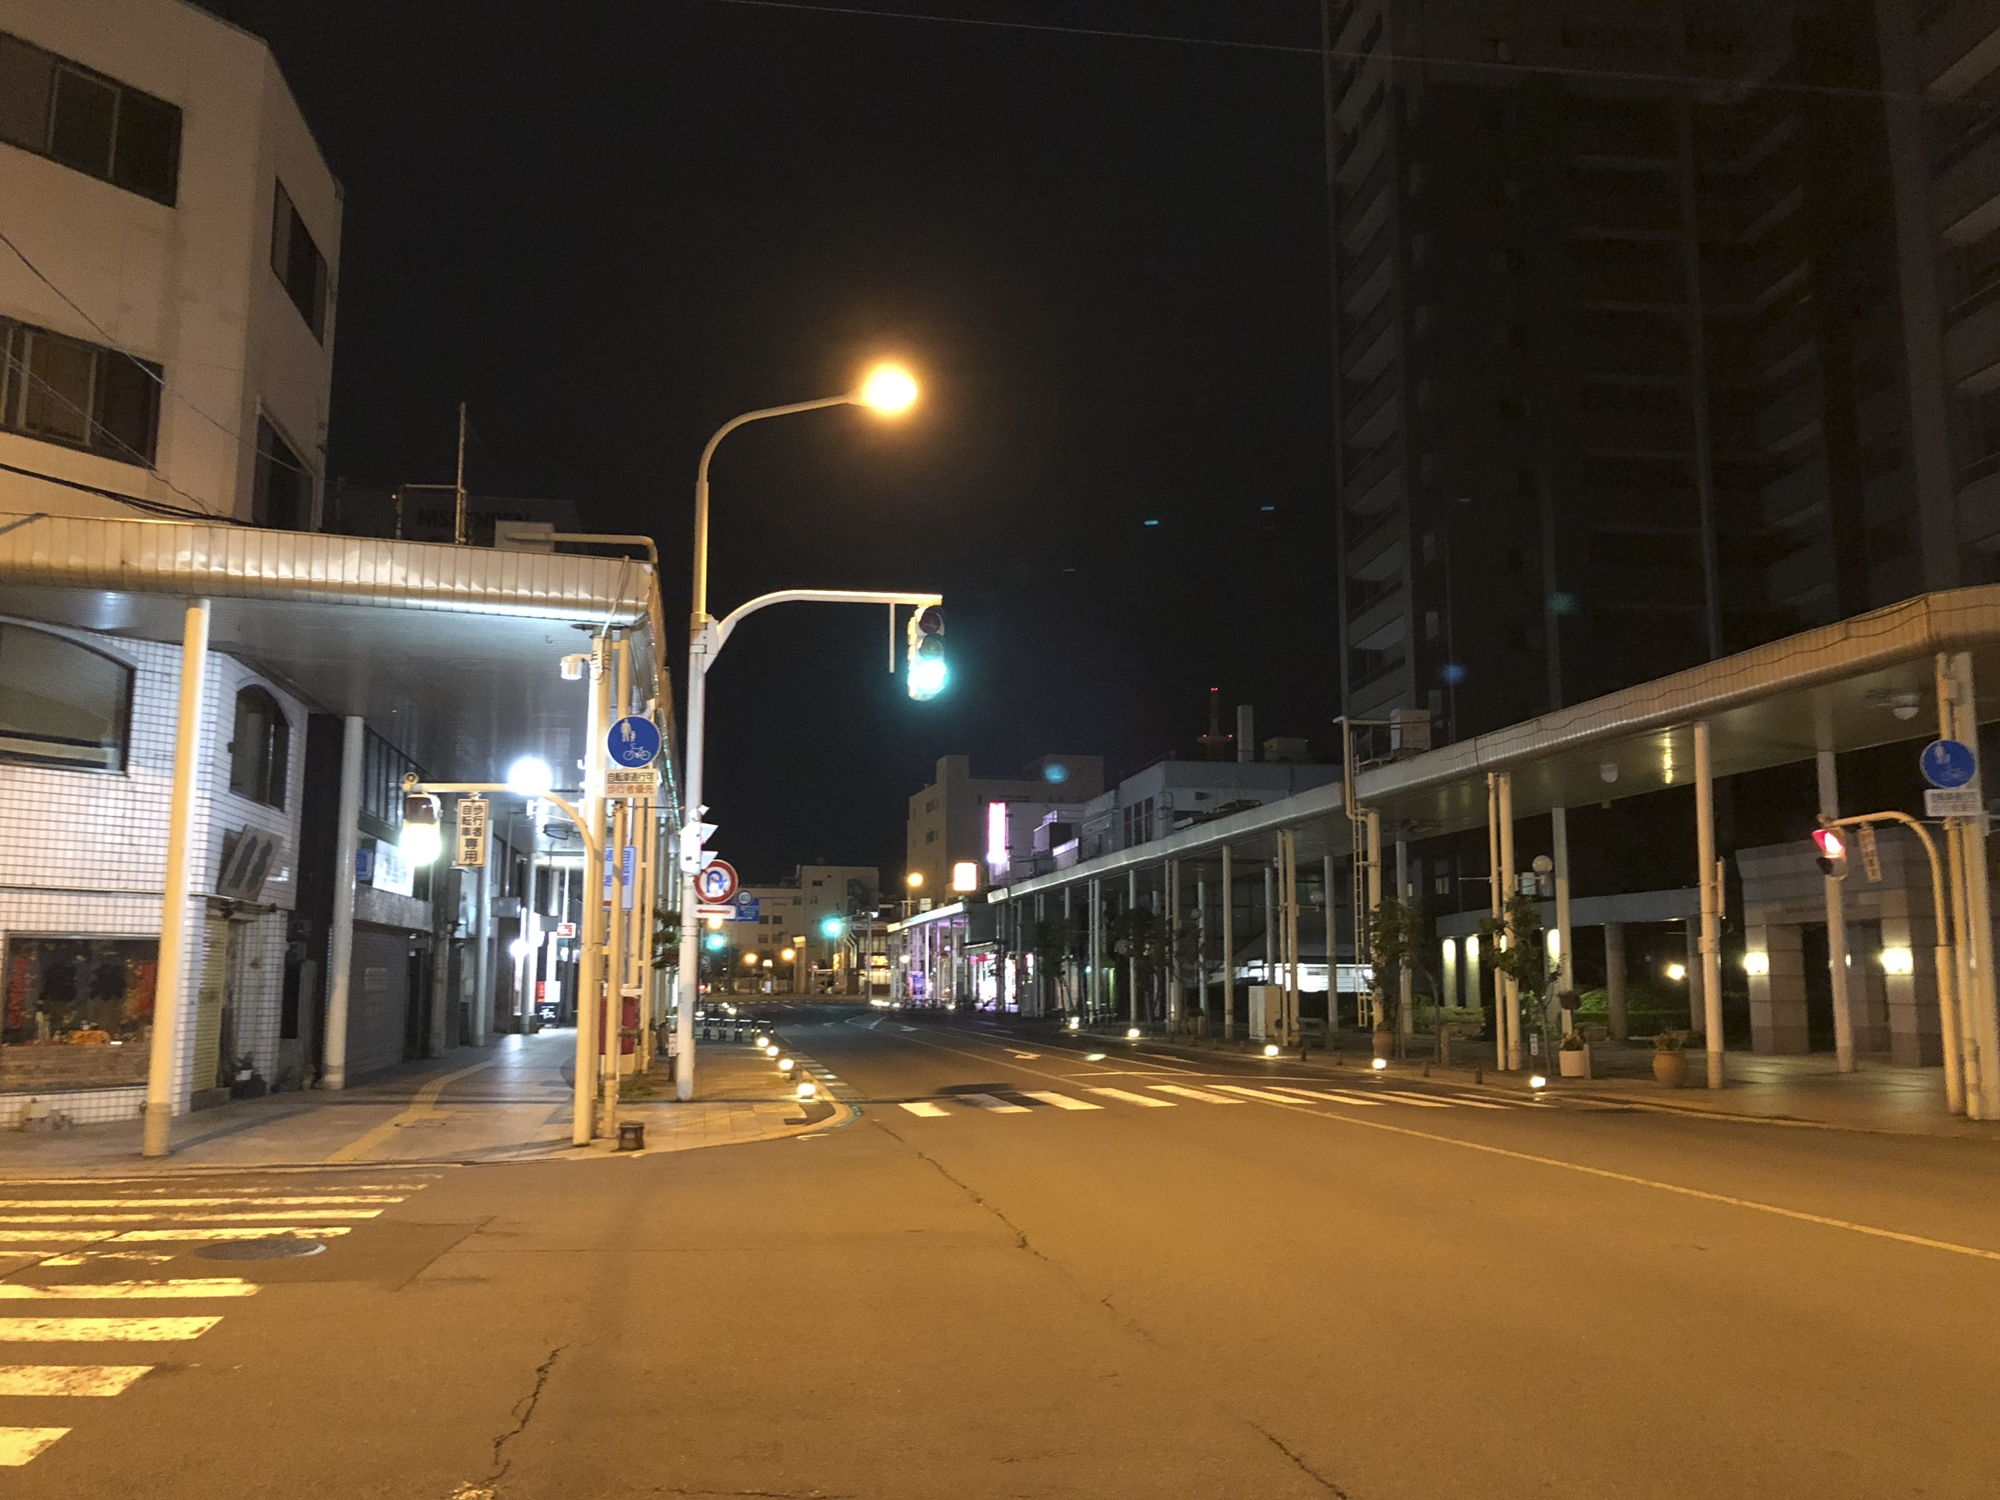 f:id:mitatowa:20181005190109j:plain